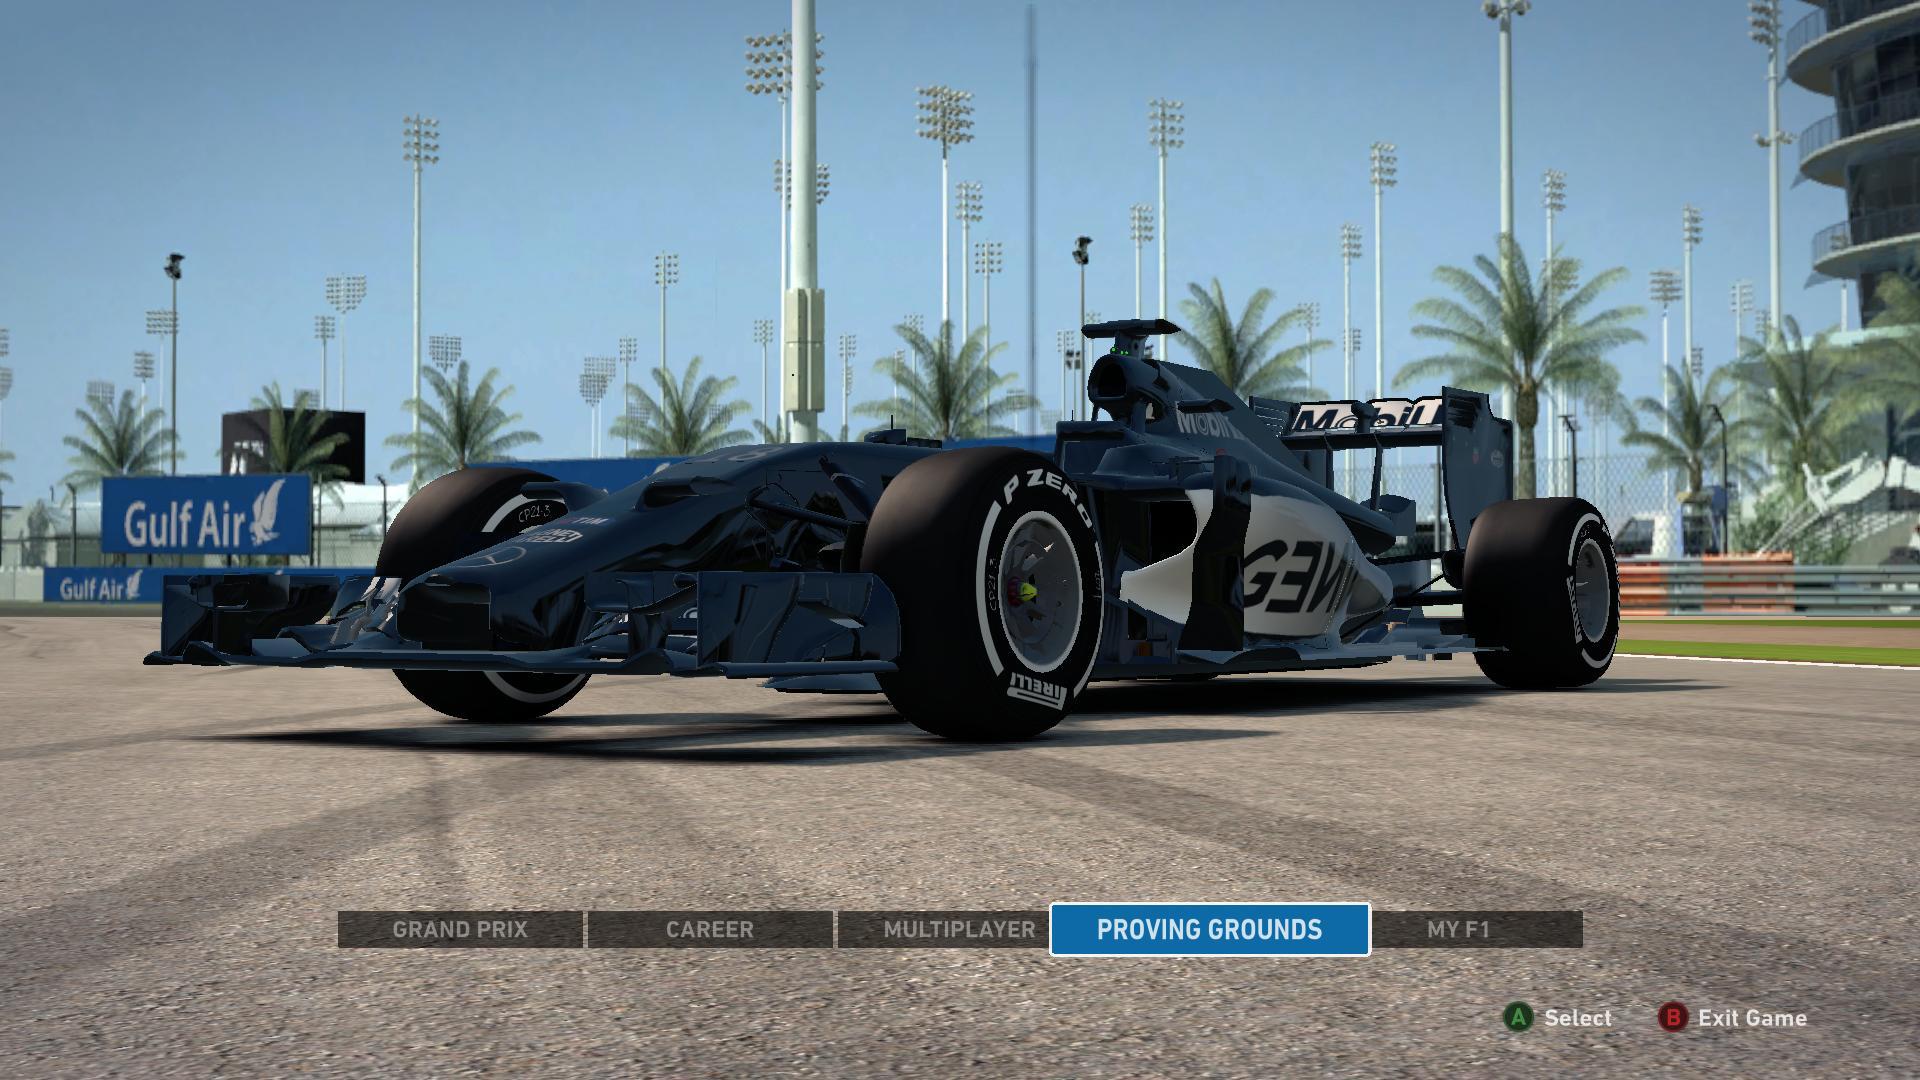 F1_2014 2014-10-23 17-41-47-53.jpg